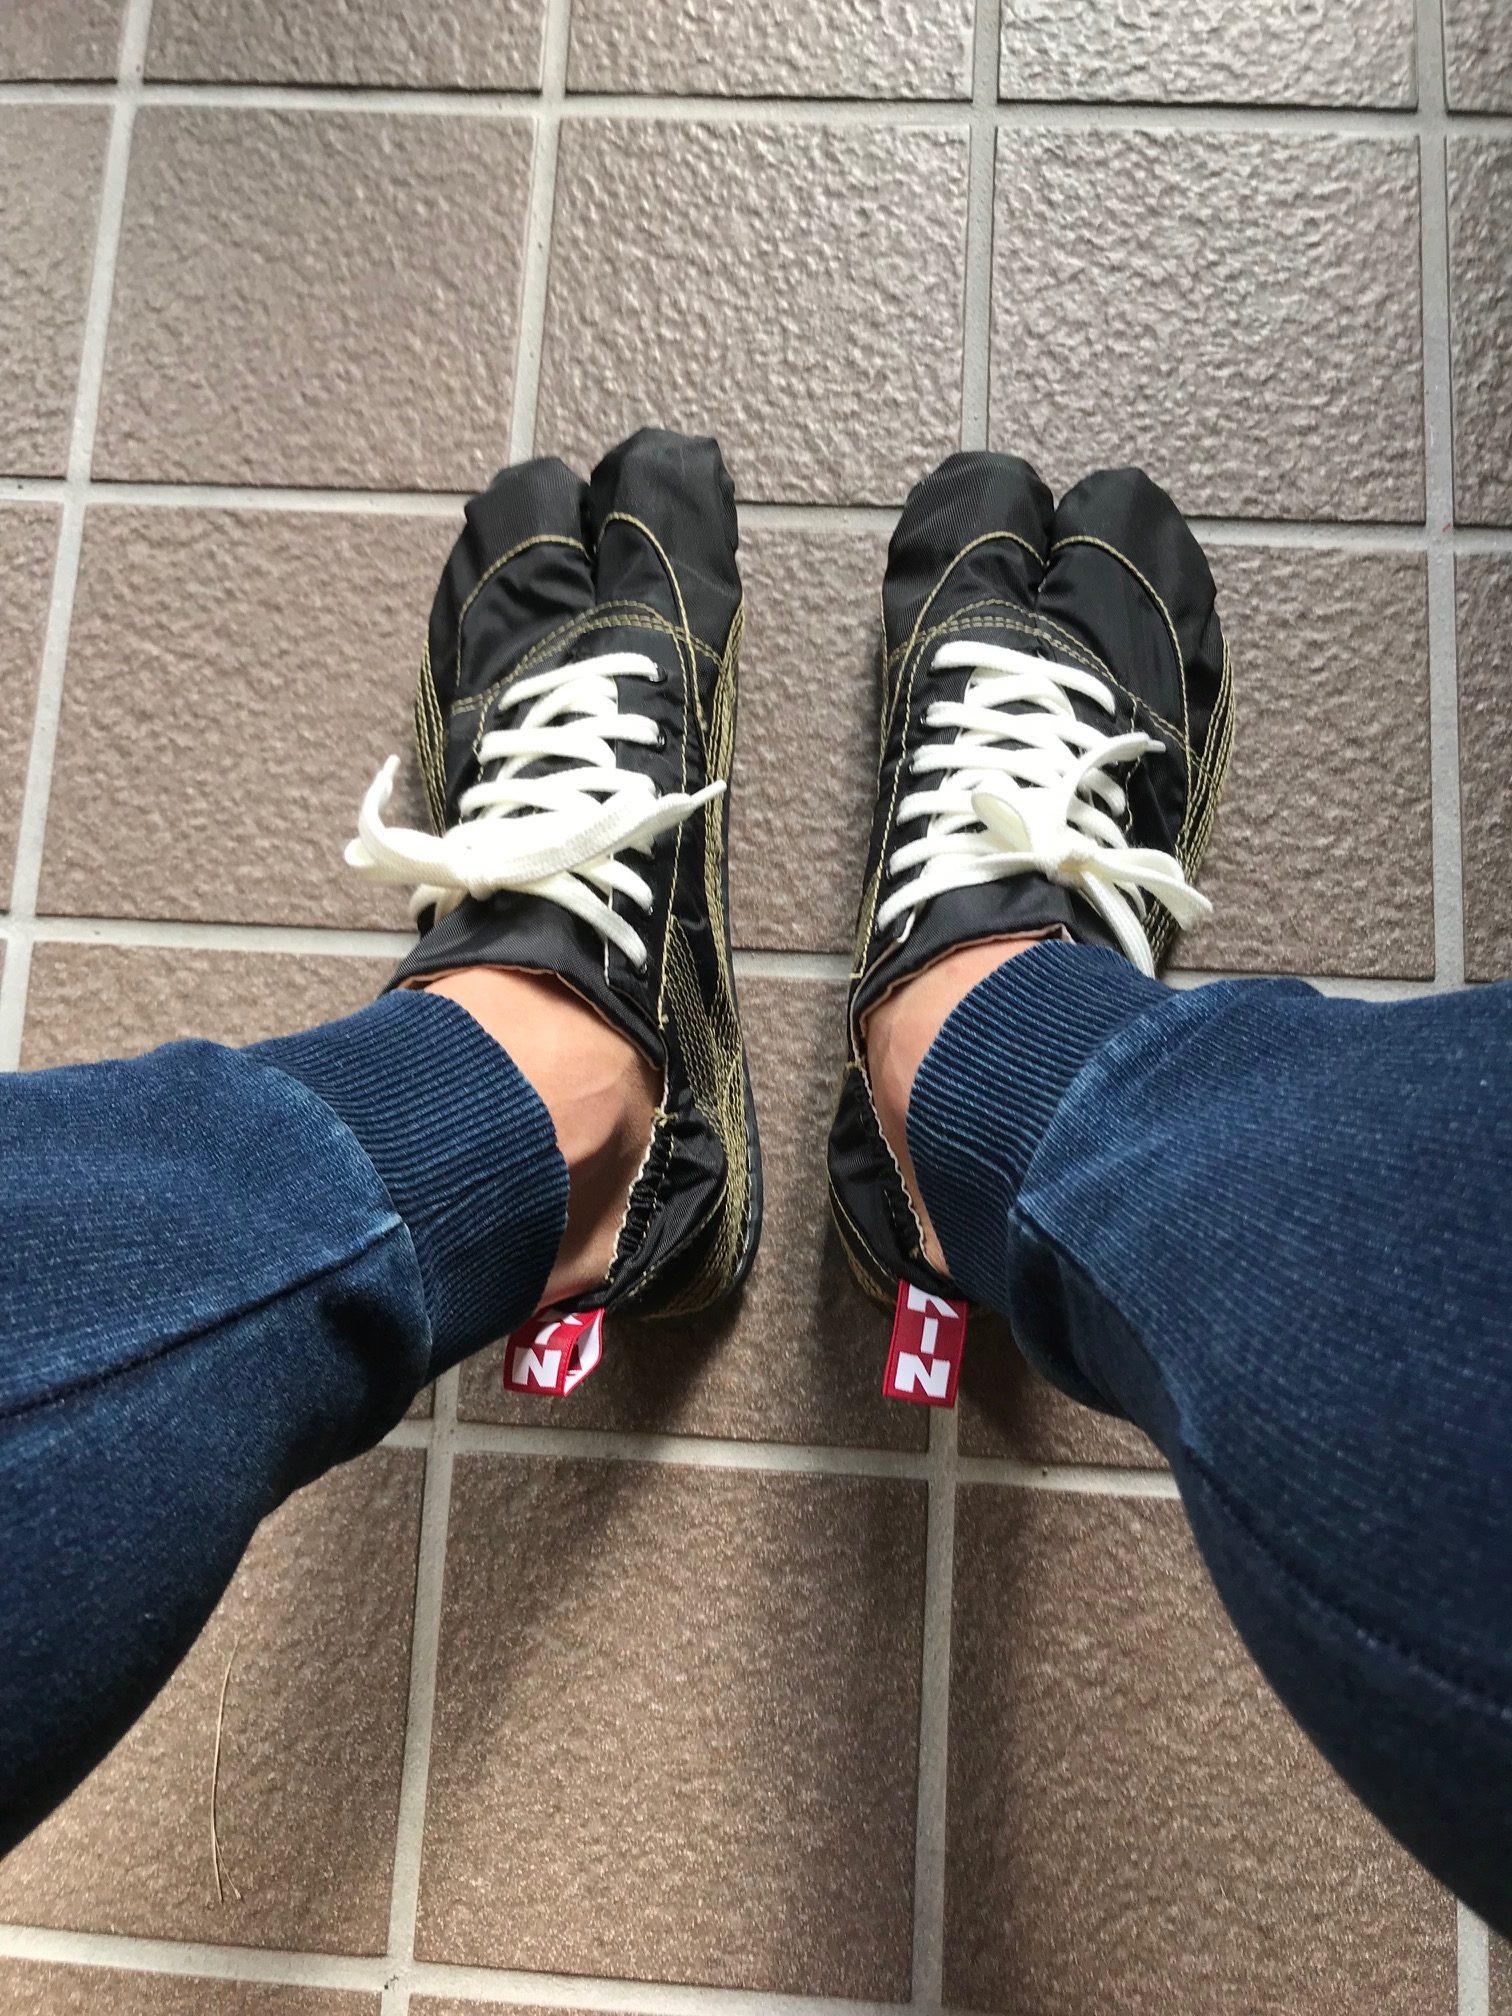 流行最先端はこれ!ドラマ【陸王】モデルのランニング足袋「無敵」はこんな履物